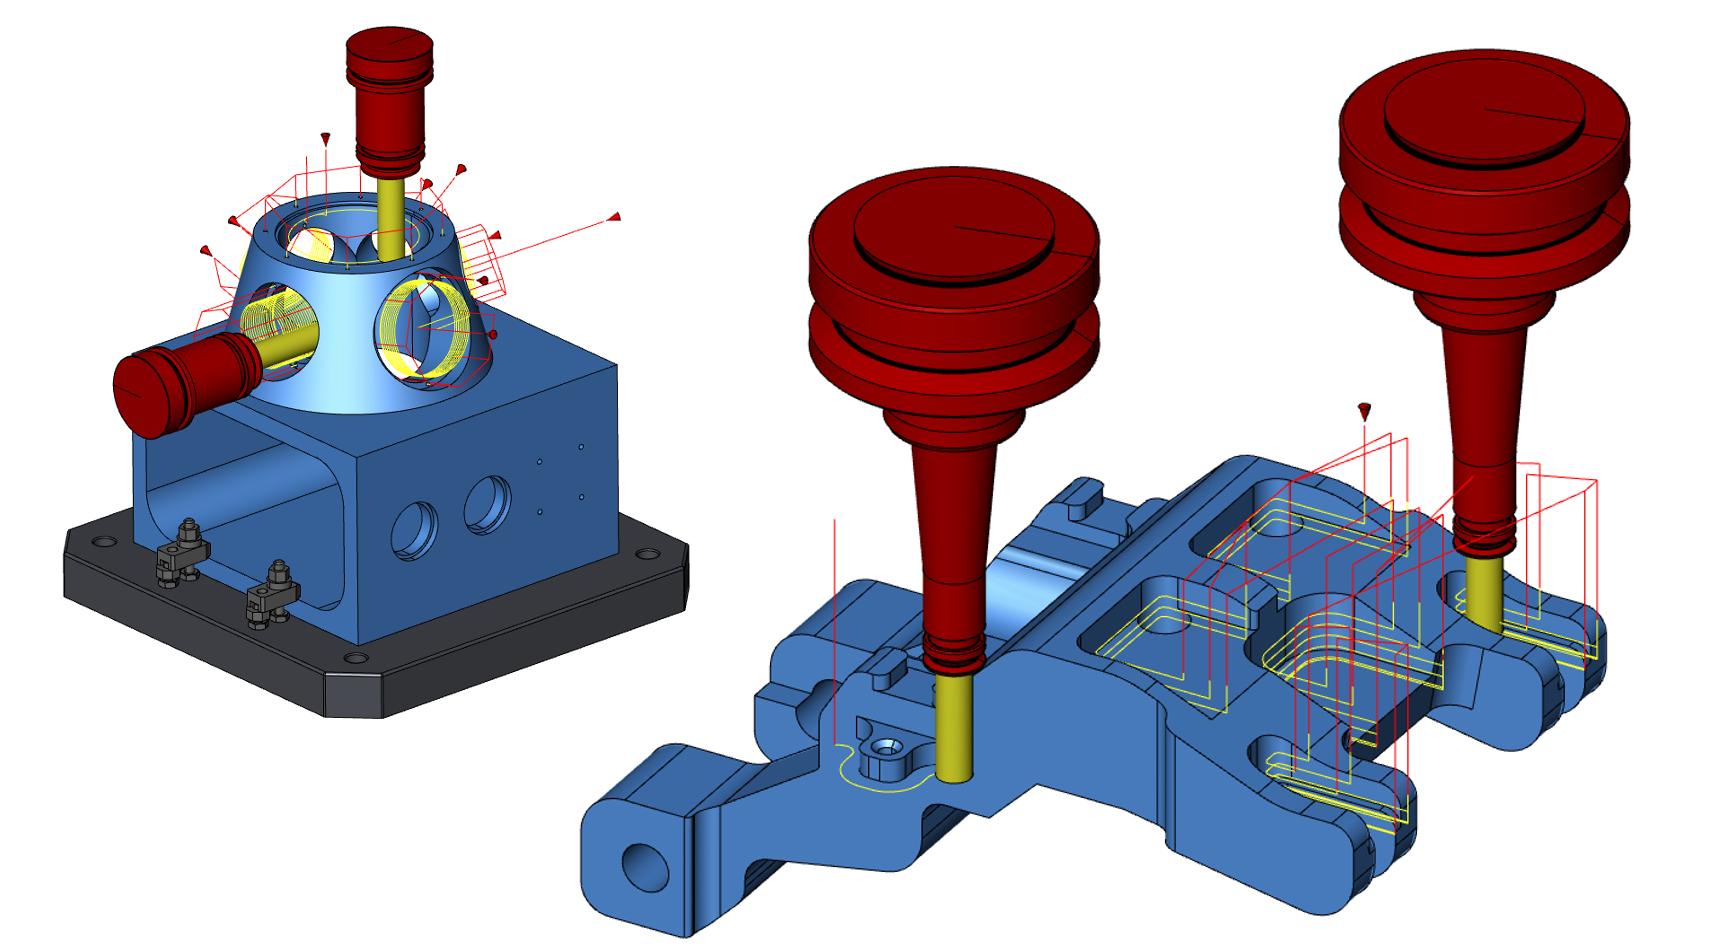 3Dモデルを認識した最新2軸加工